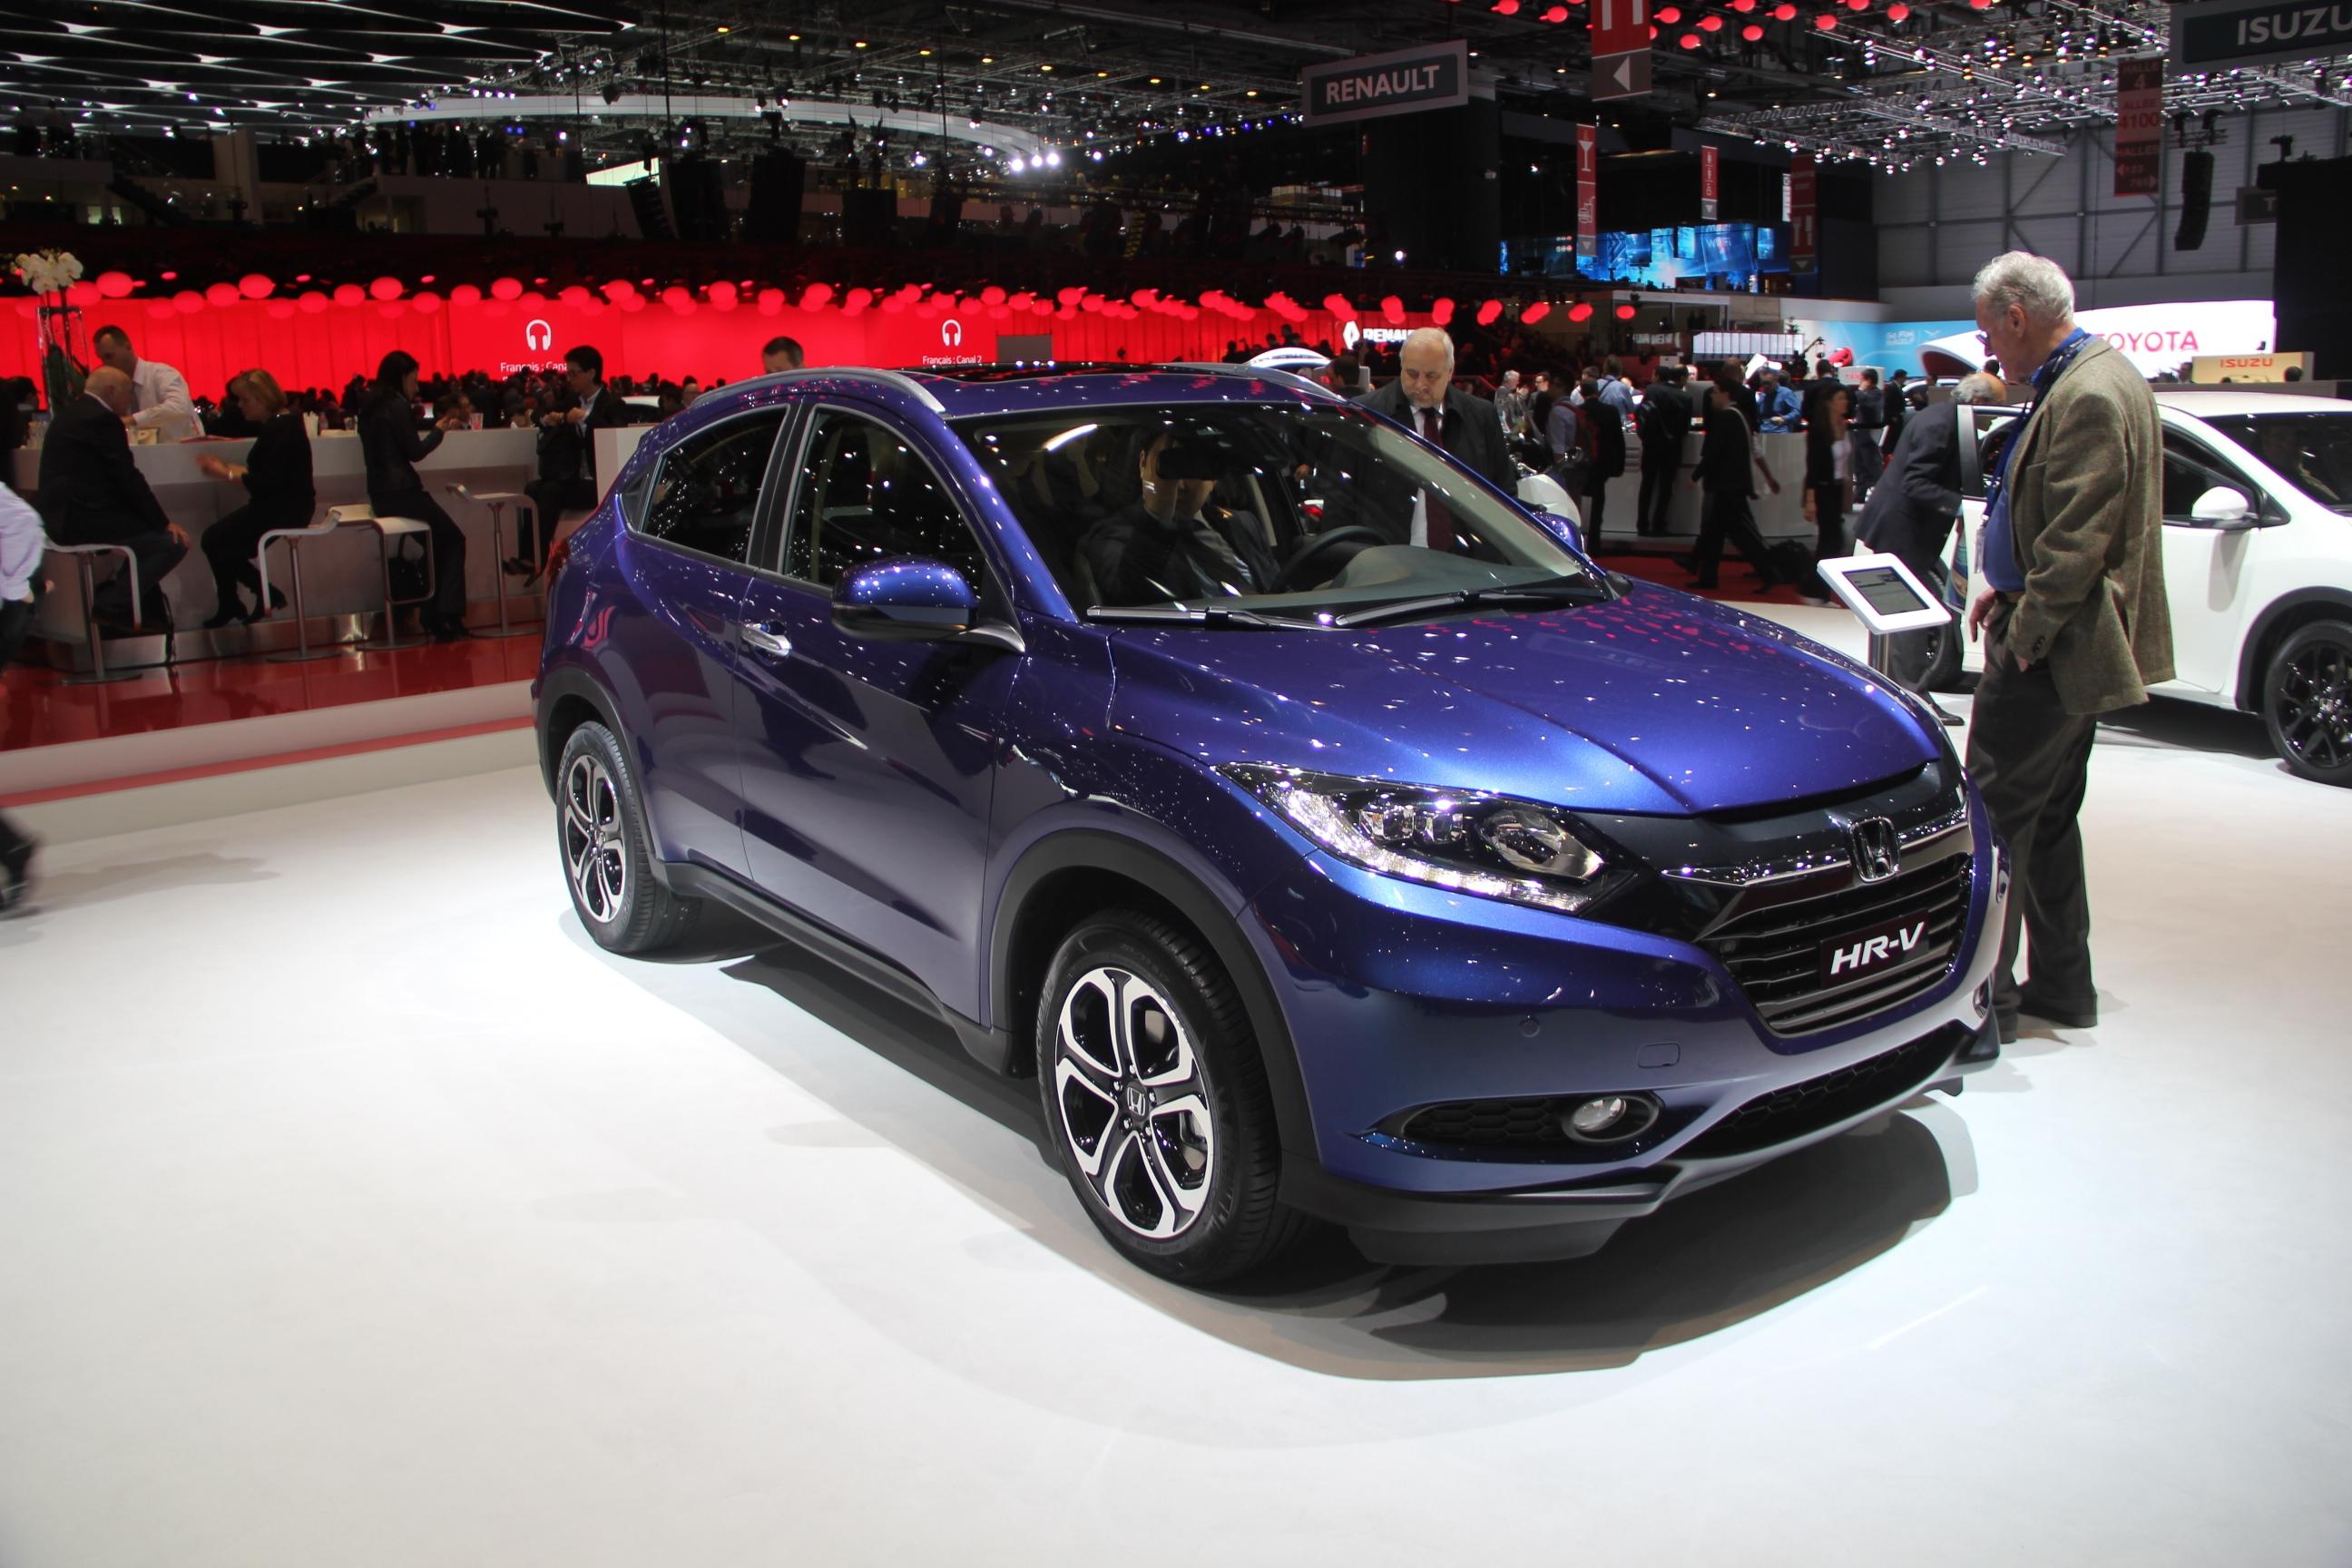 Cx 3 Vs Hrv >> Mazda Cx3 Contre Honda Hrv   Autos Post